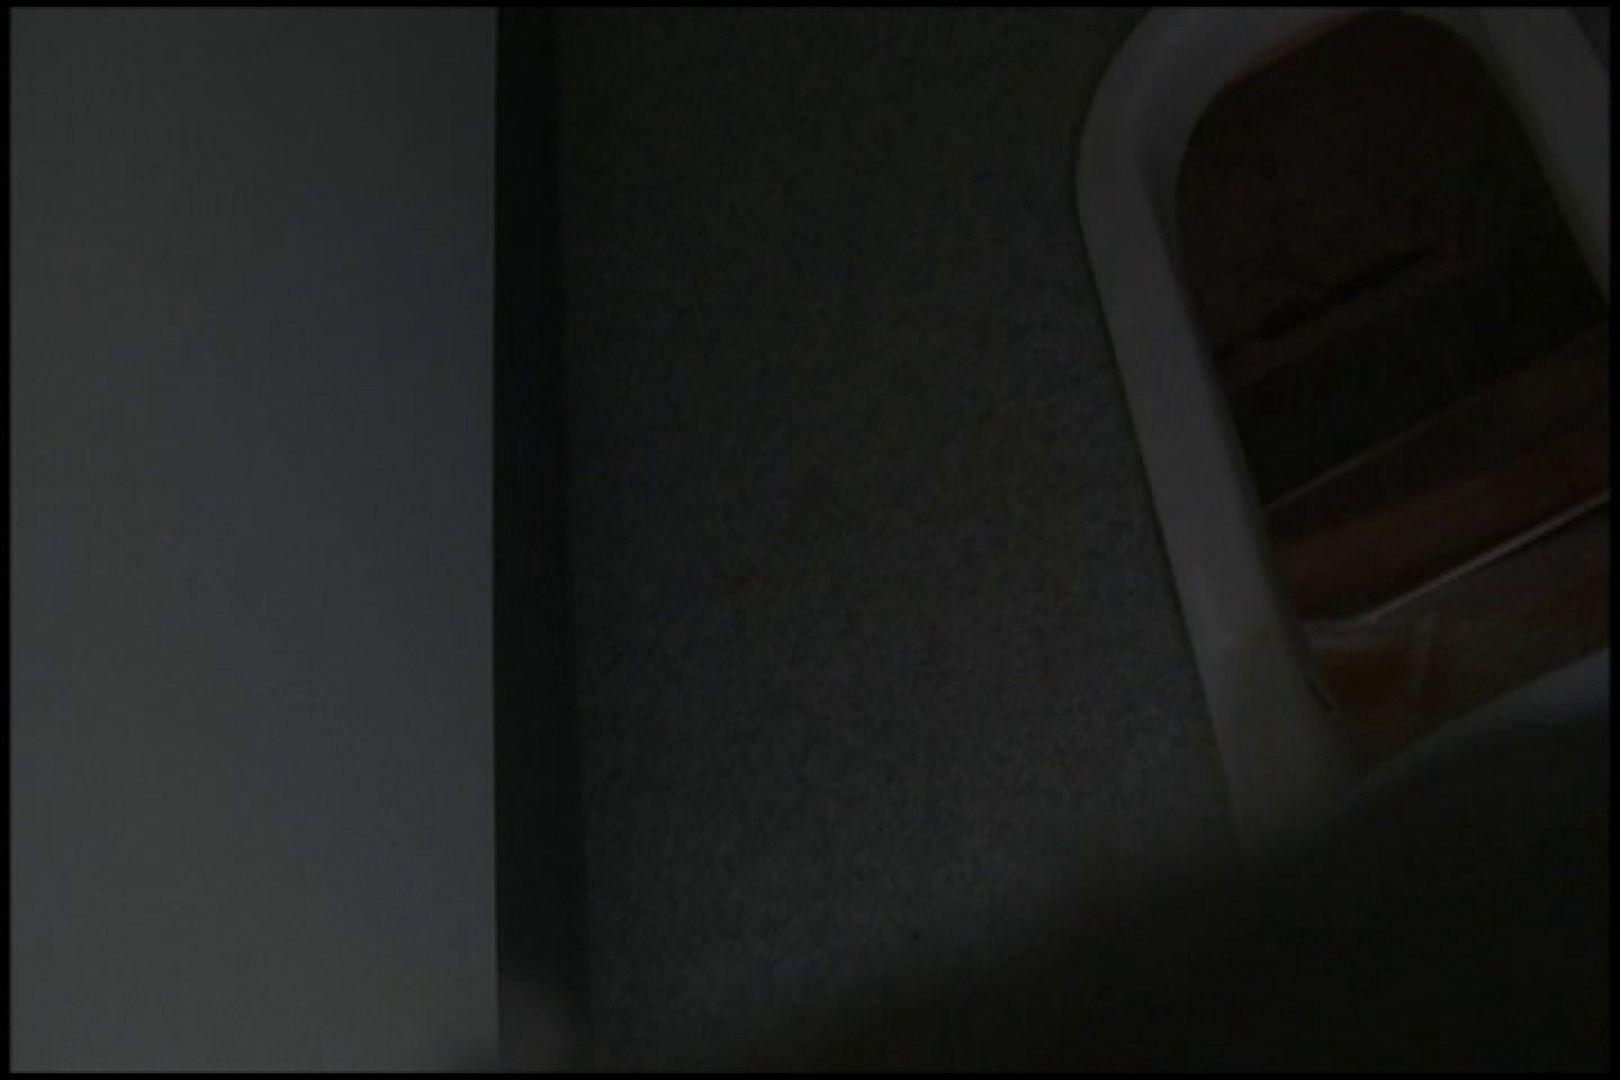 和式にまたがる女たちを待ちうけるカメラの衝撃映像vol.02 盗撮 | 黄金水  96枚 37